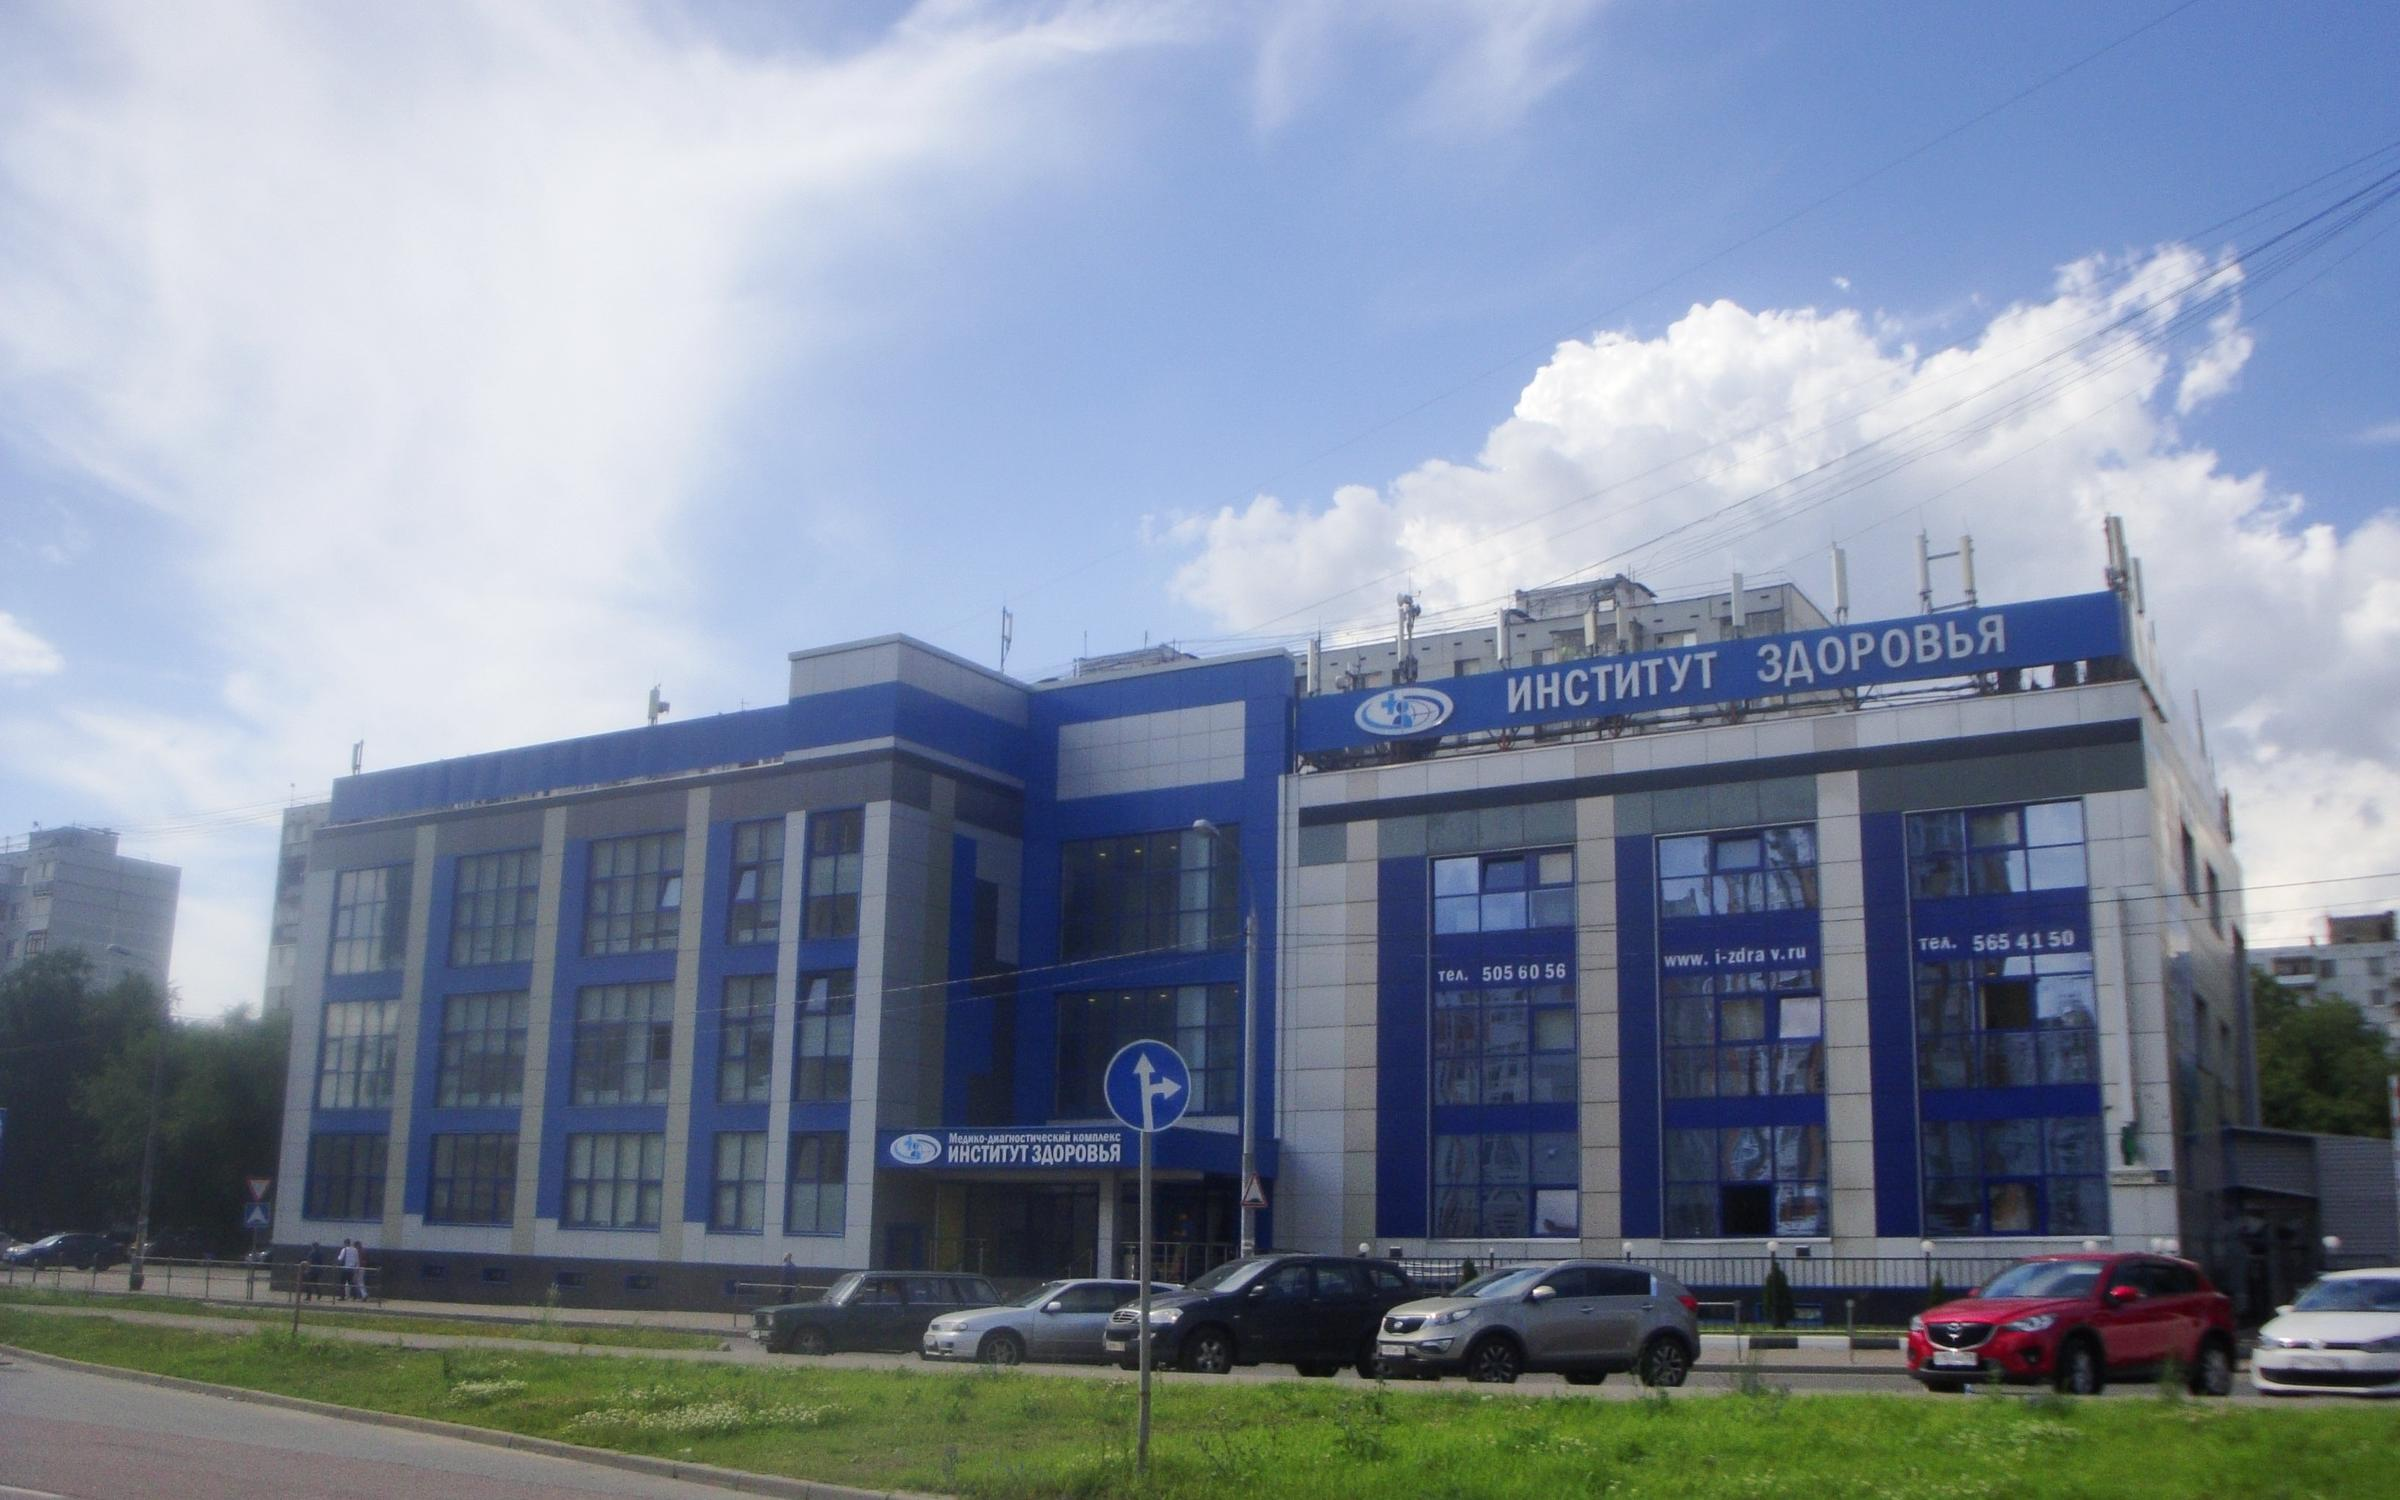 фотография Медико-диагностического комплекса Институт здоровья на Комсомольском проспекте в Люберцах